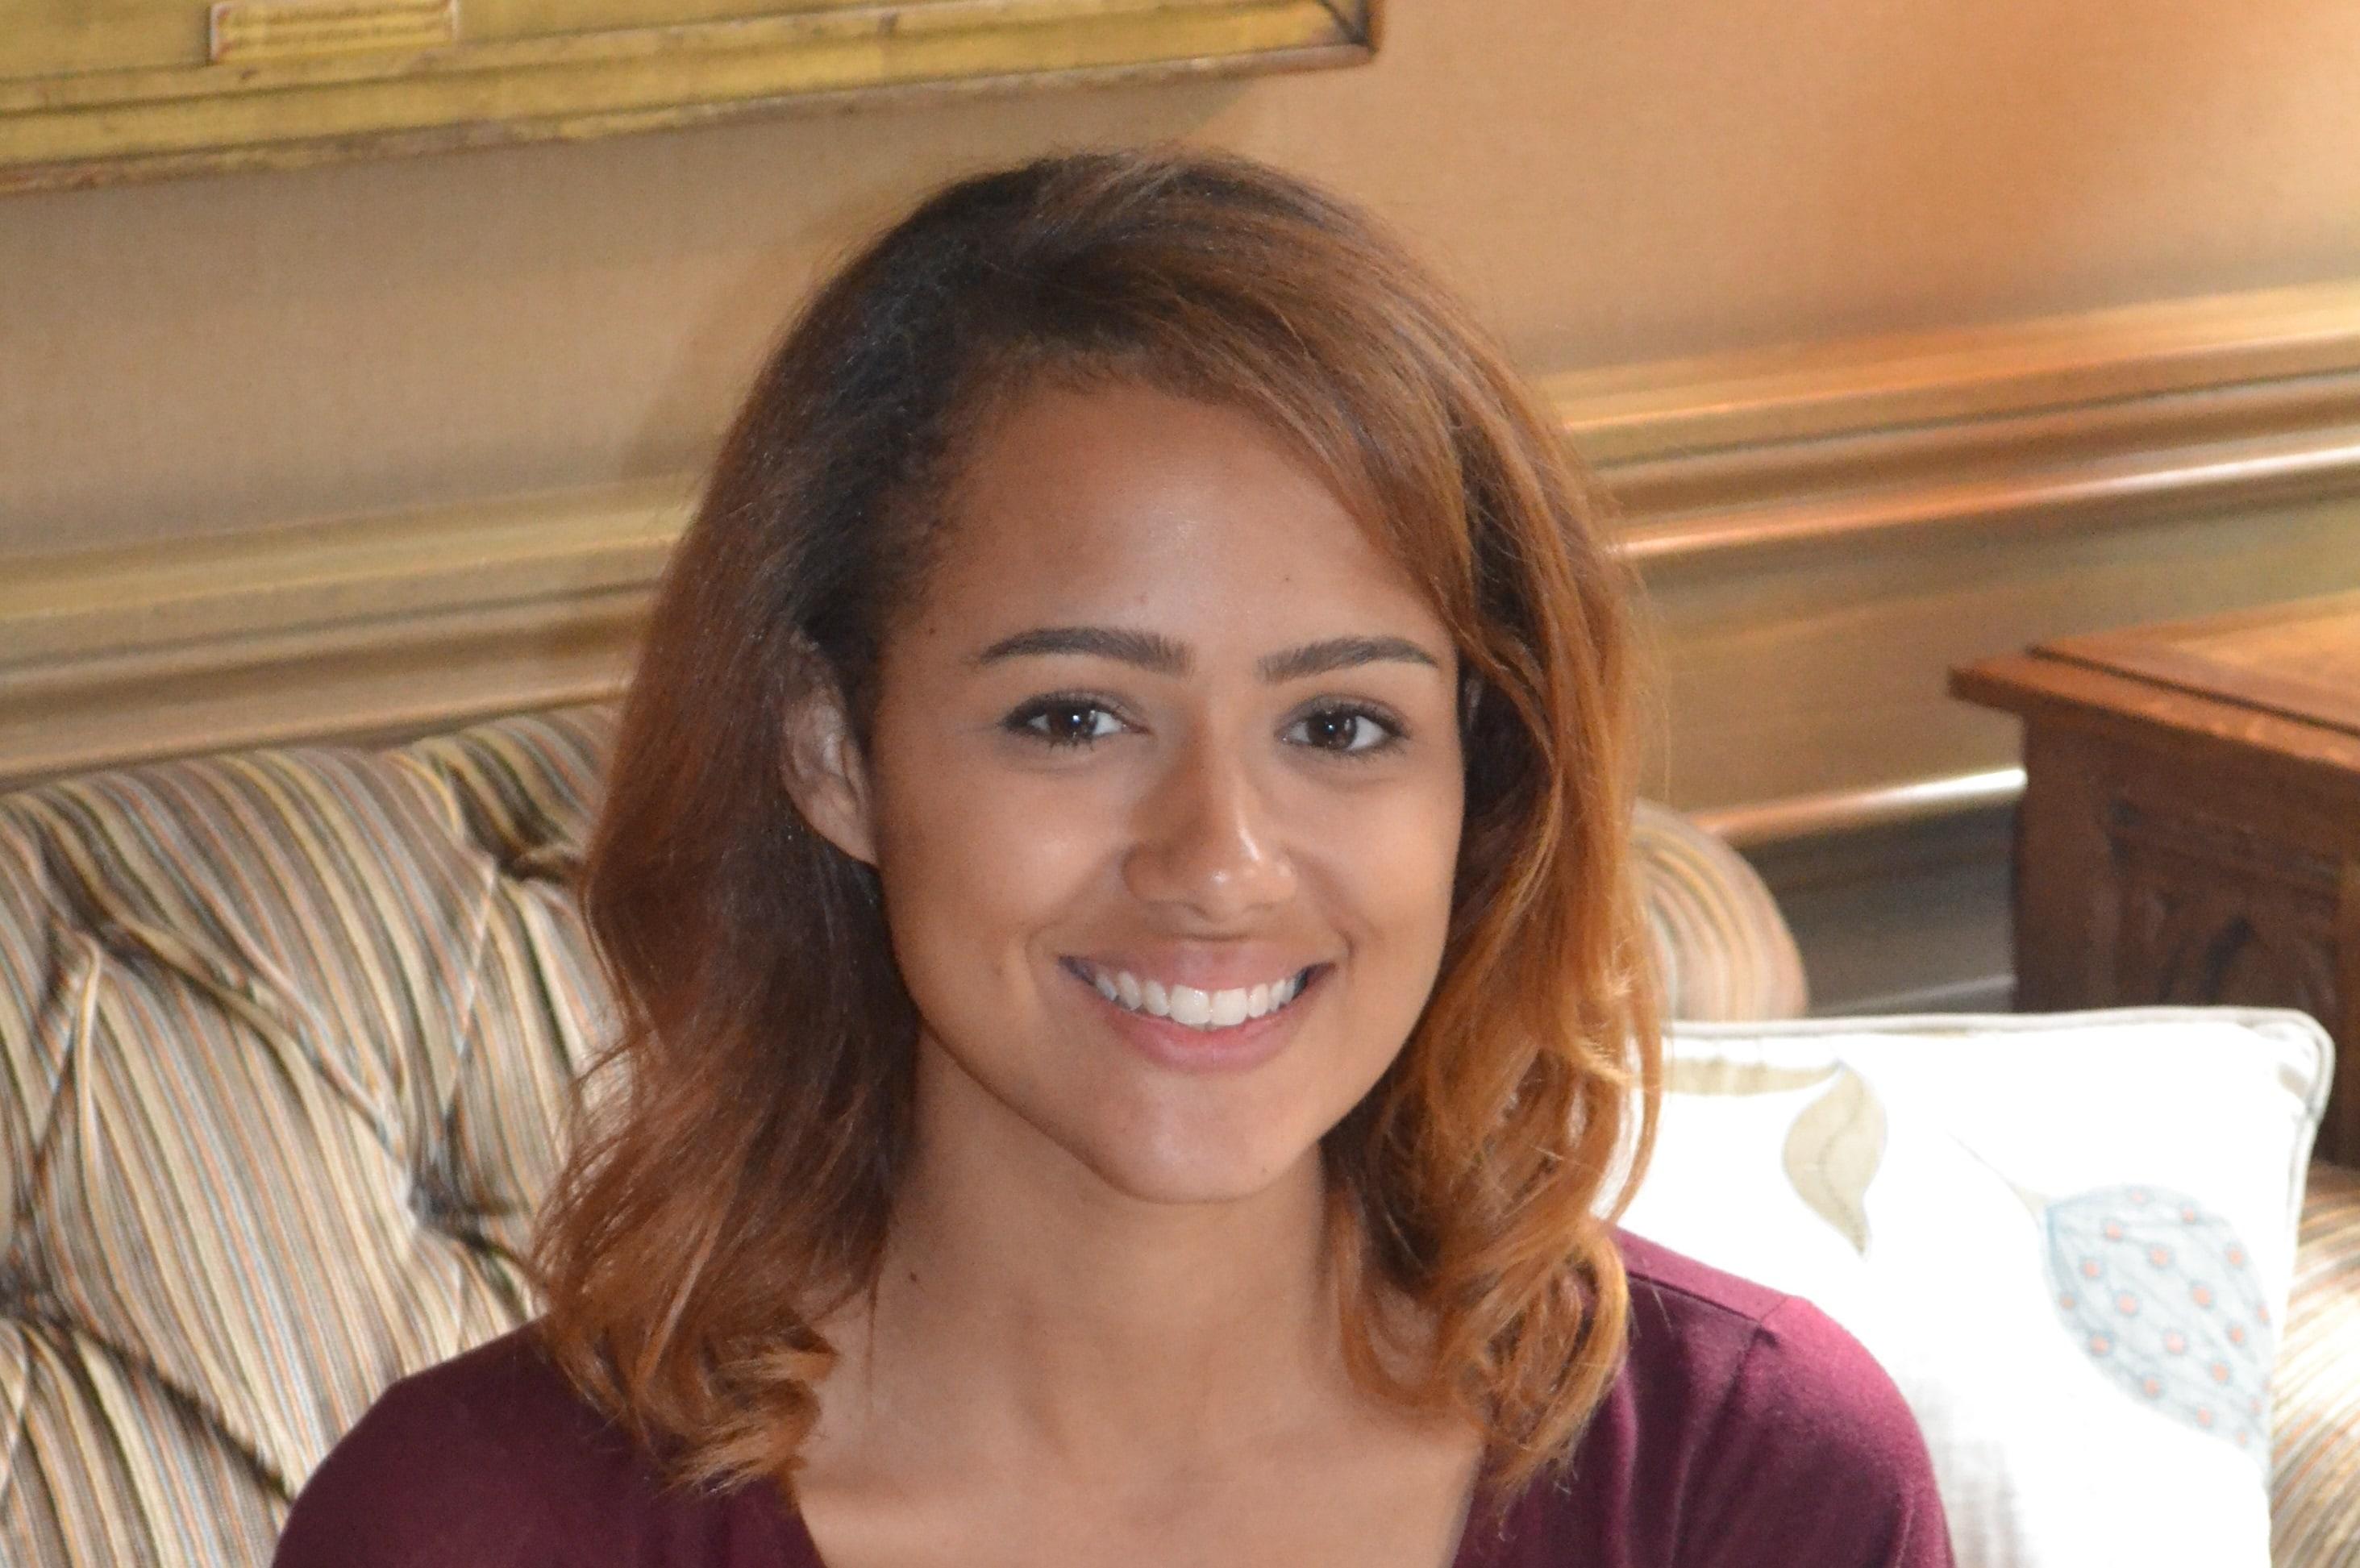 Nathalie Emmanuel Background